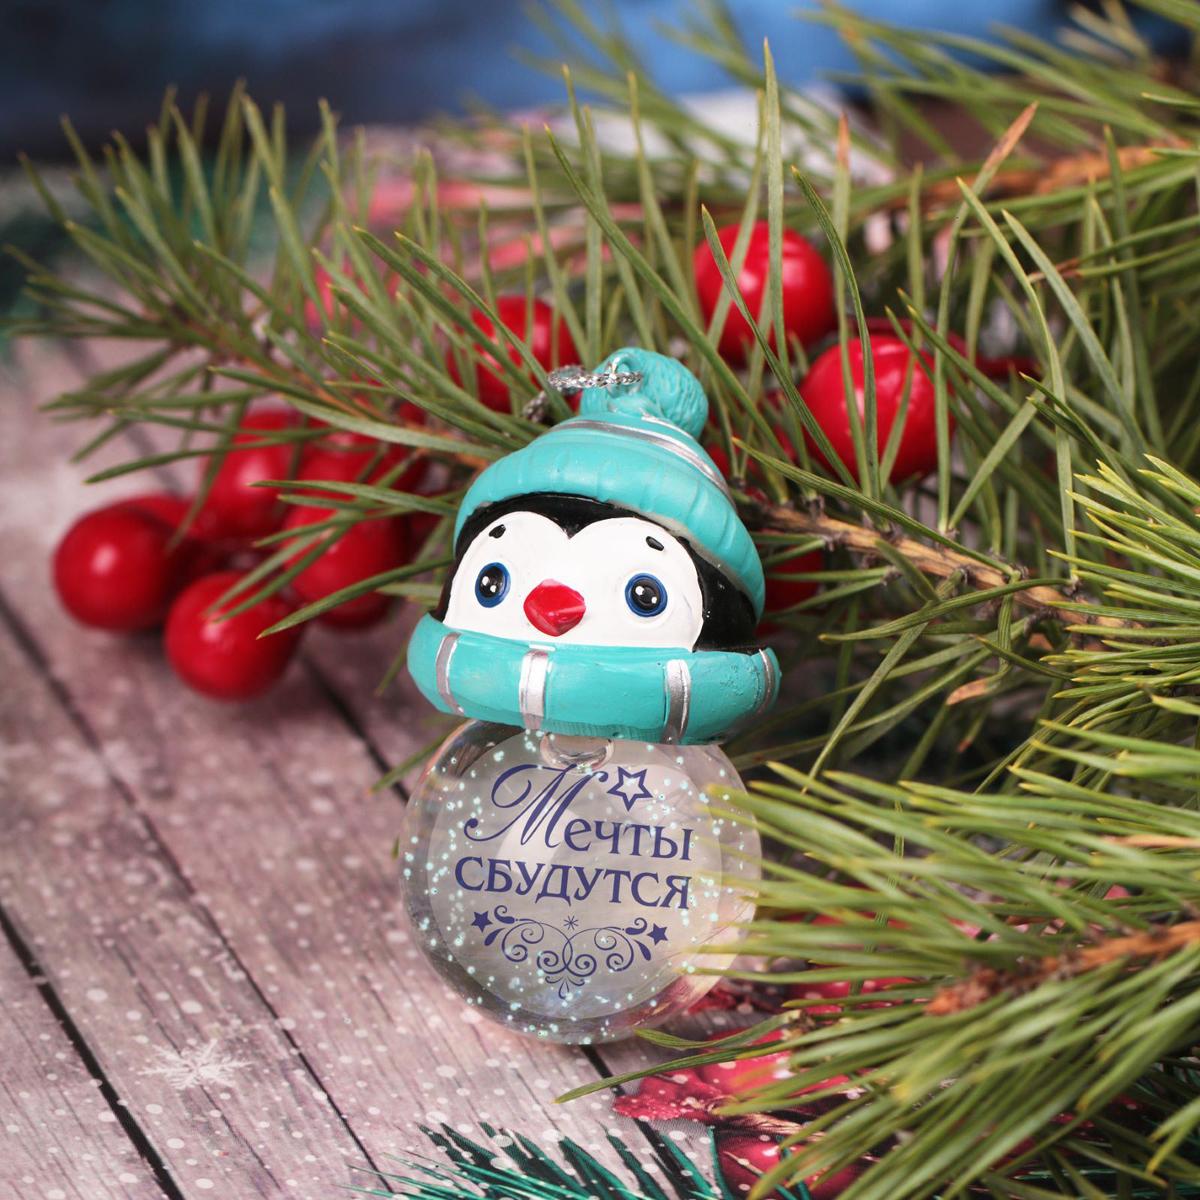 Новогоднее подвесное украшение Sima-land Мечты сбудутся, светящееся, 6,3 см1366199Новогоднее украшение Sima-land отлично подойдет для декорации вашего дома и новогодней ели. Елочная игрушка - символ Нового года. Она несет в себе волшебство и красоту праздника. Такое украшение создаст в вашем доме атмосферу праздника, веселья и радости.